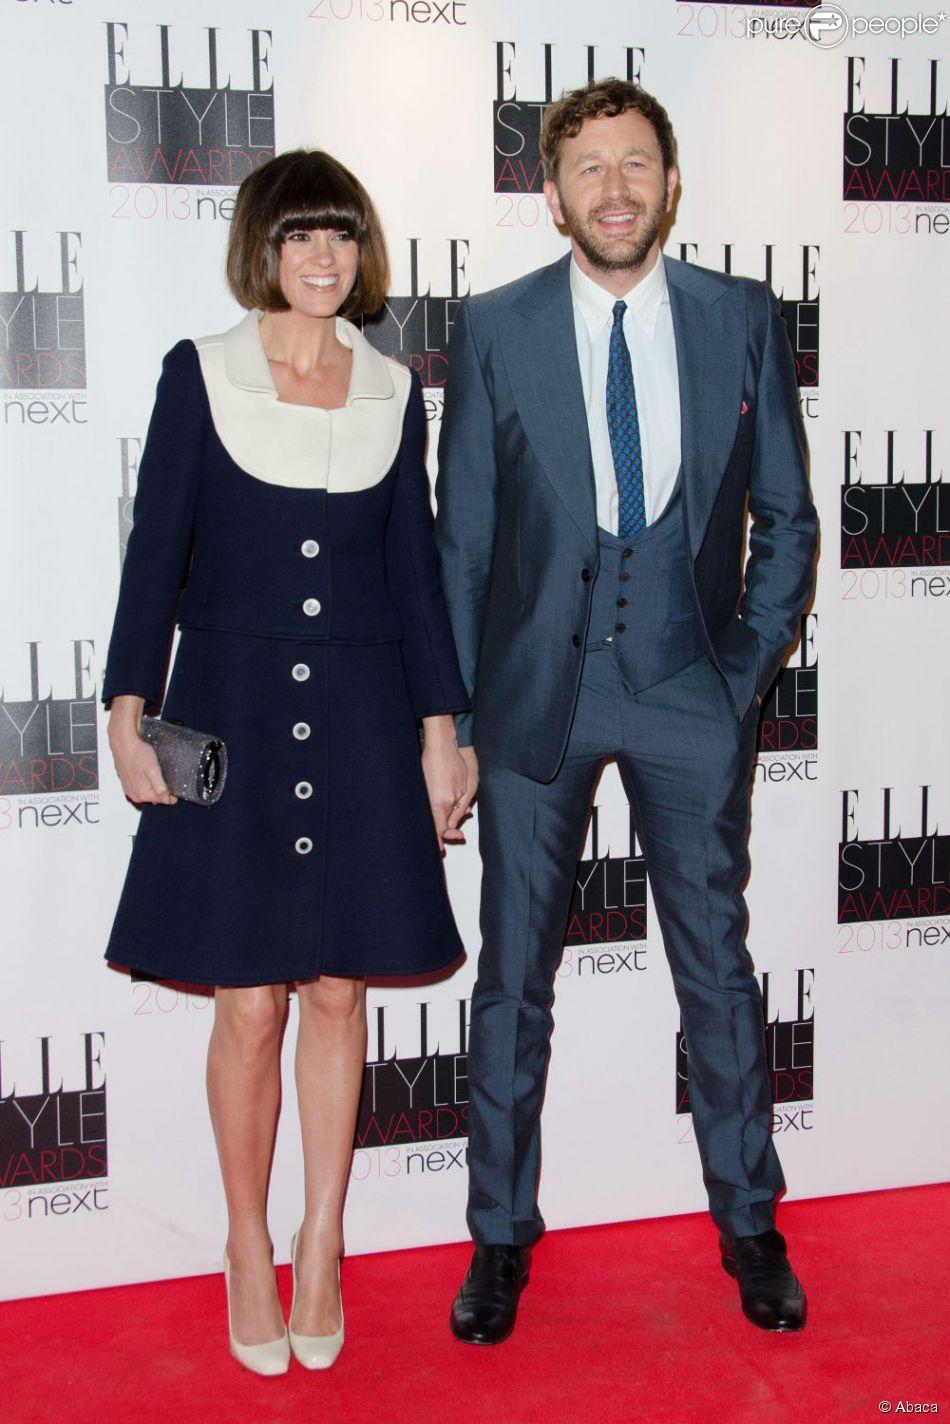 Dawn Porter et Chris O'Dowd aux ELLE Style Awards 2013 à Londres, le 11 février 2013.